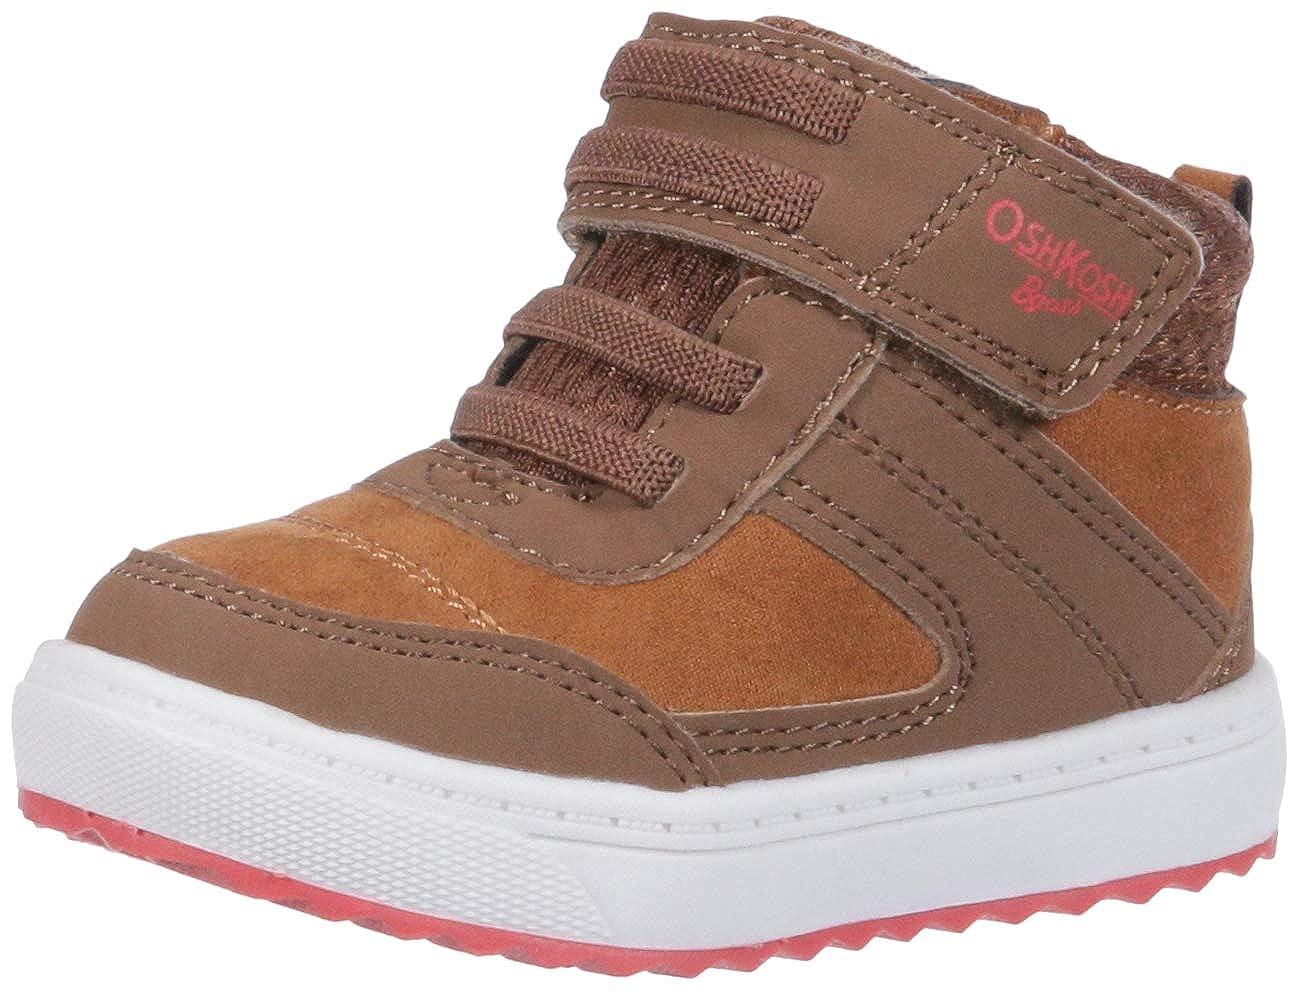 OshKosh B'Gosh Kids' Ekon Sneaker OshKosh B'Gosh OF181708